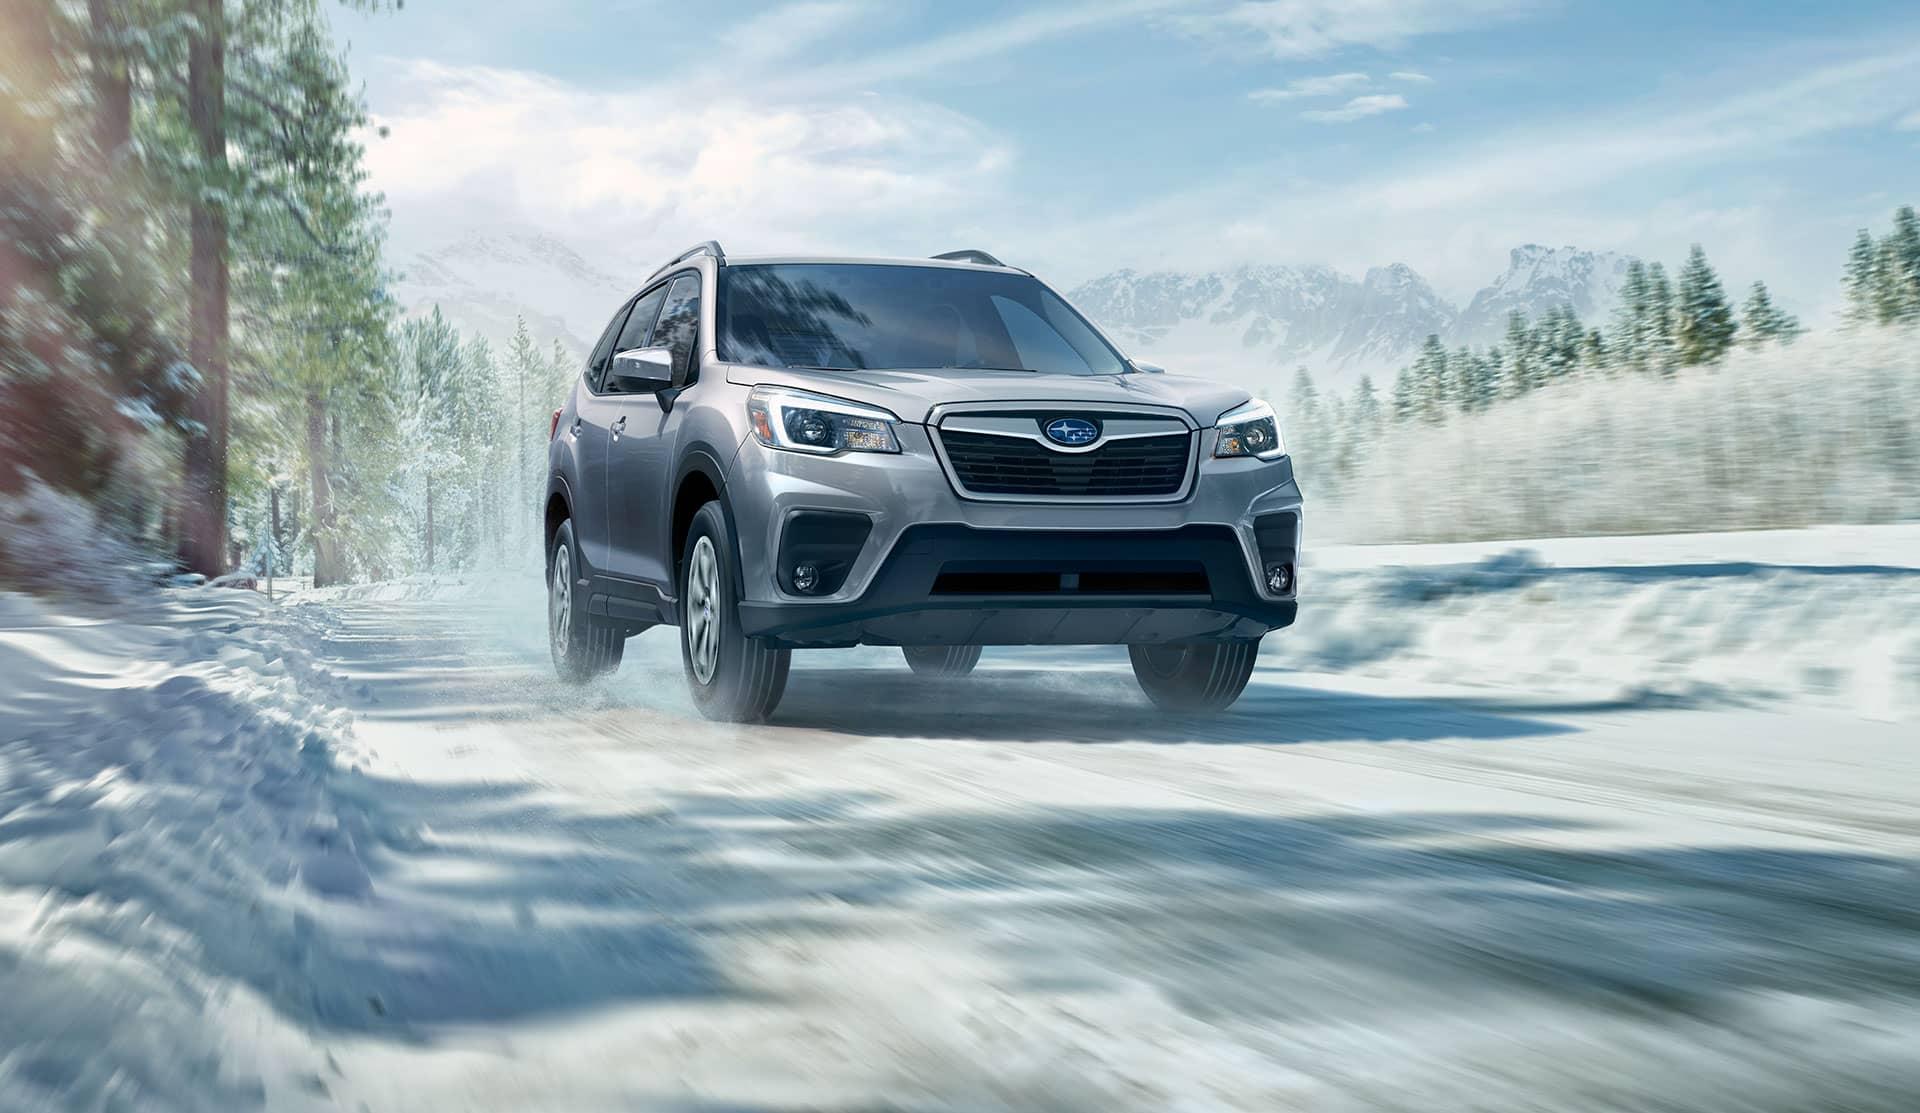 Subaru Forester 2020 sur une route enneigée